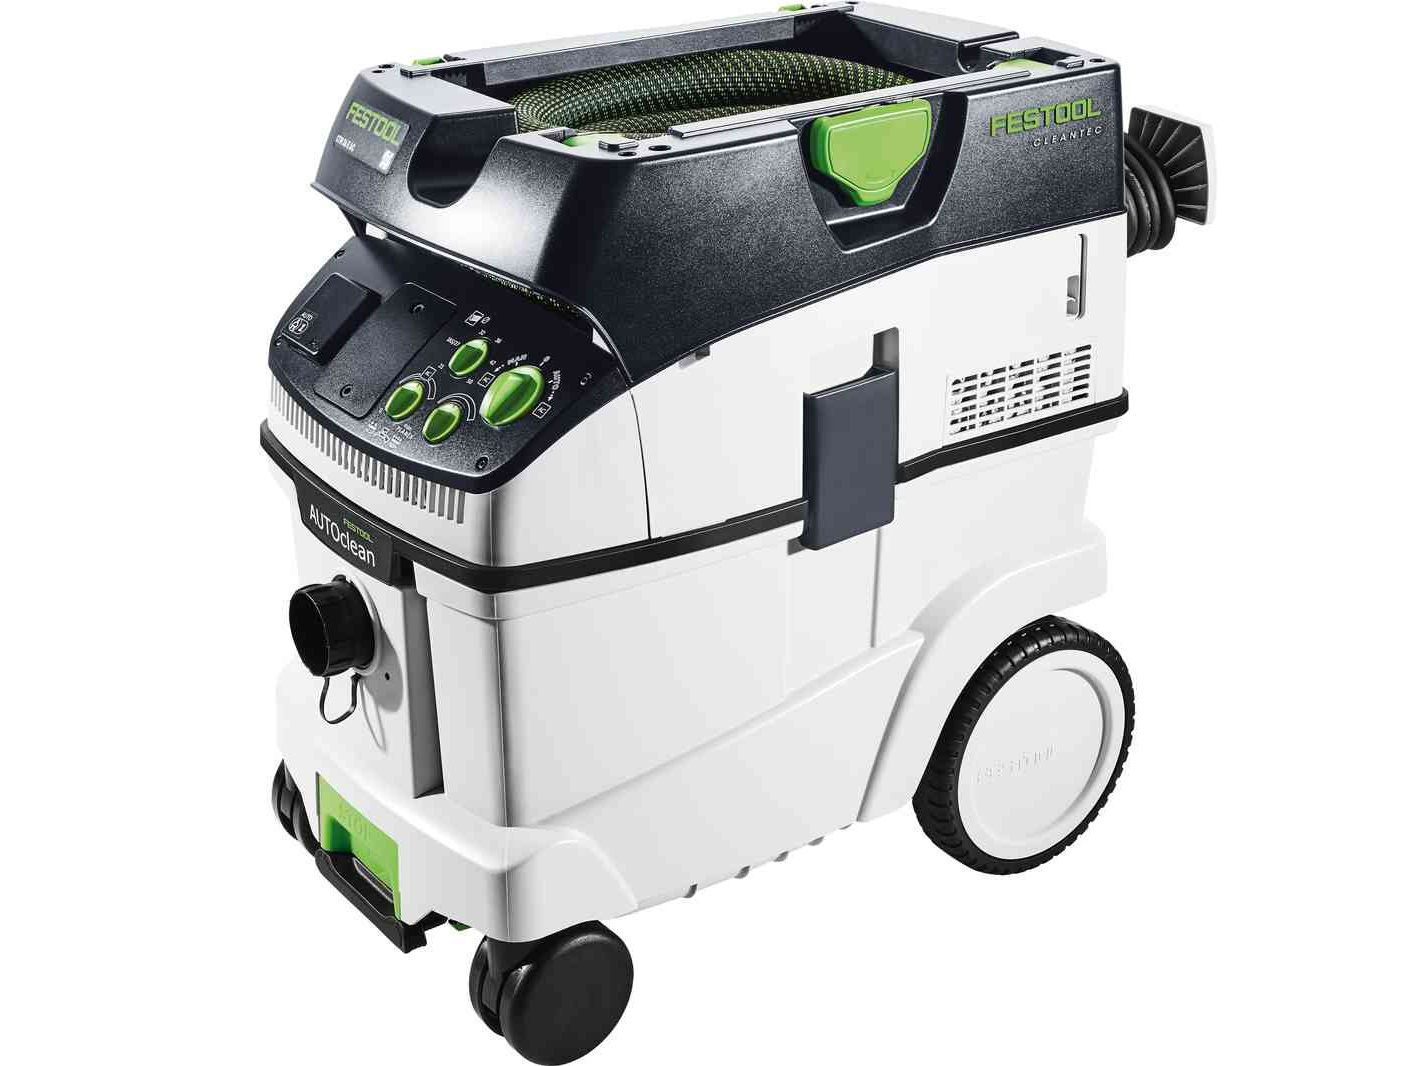 Průmyslový vysavač Festool CTM 36 E AC - 2400W, 36l, 15.2kg (574983]